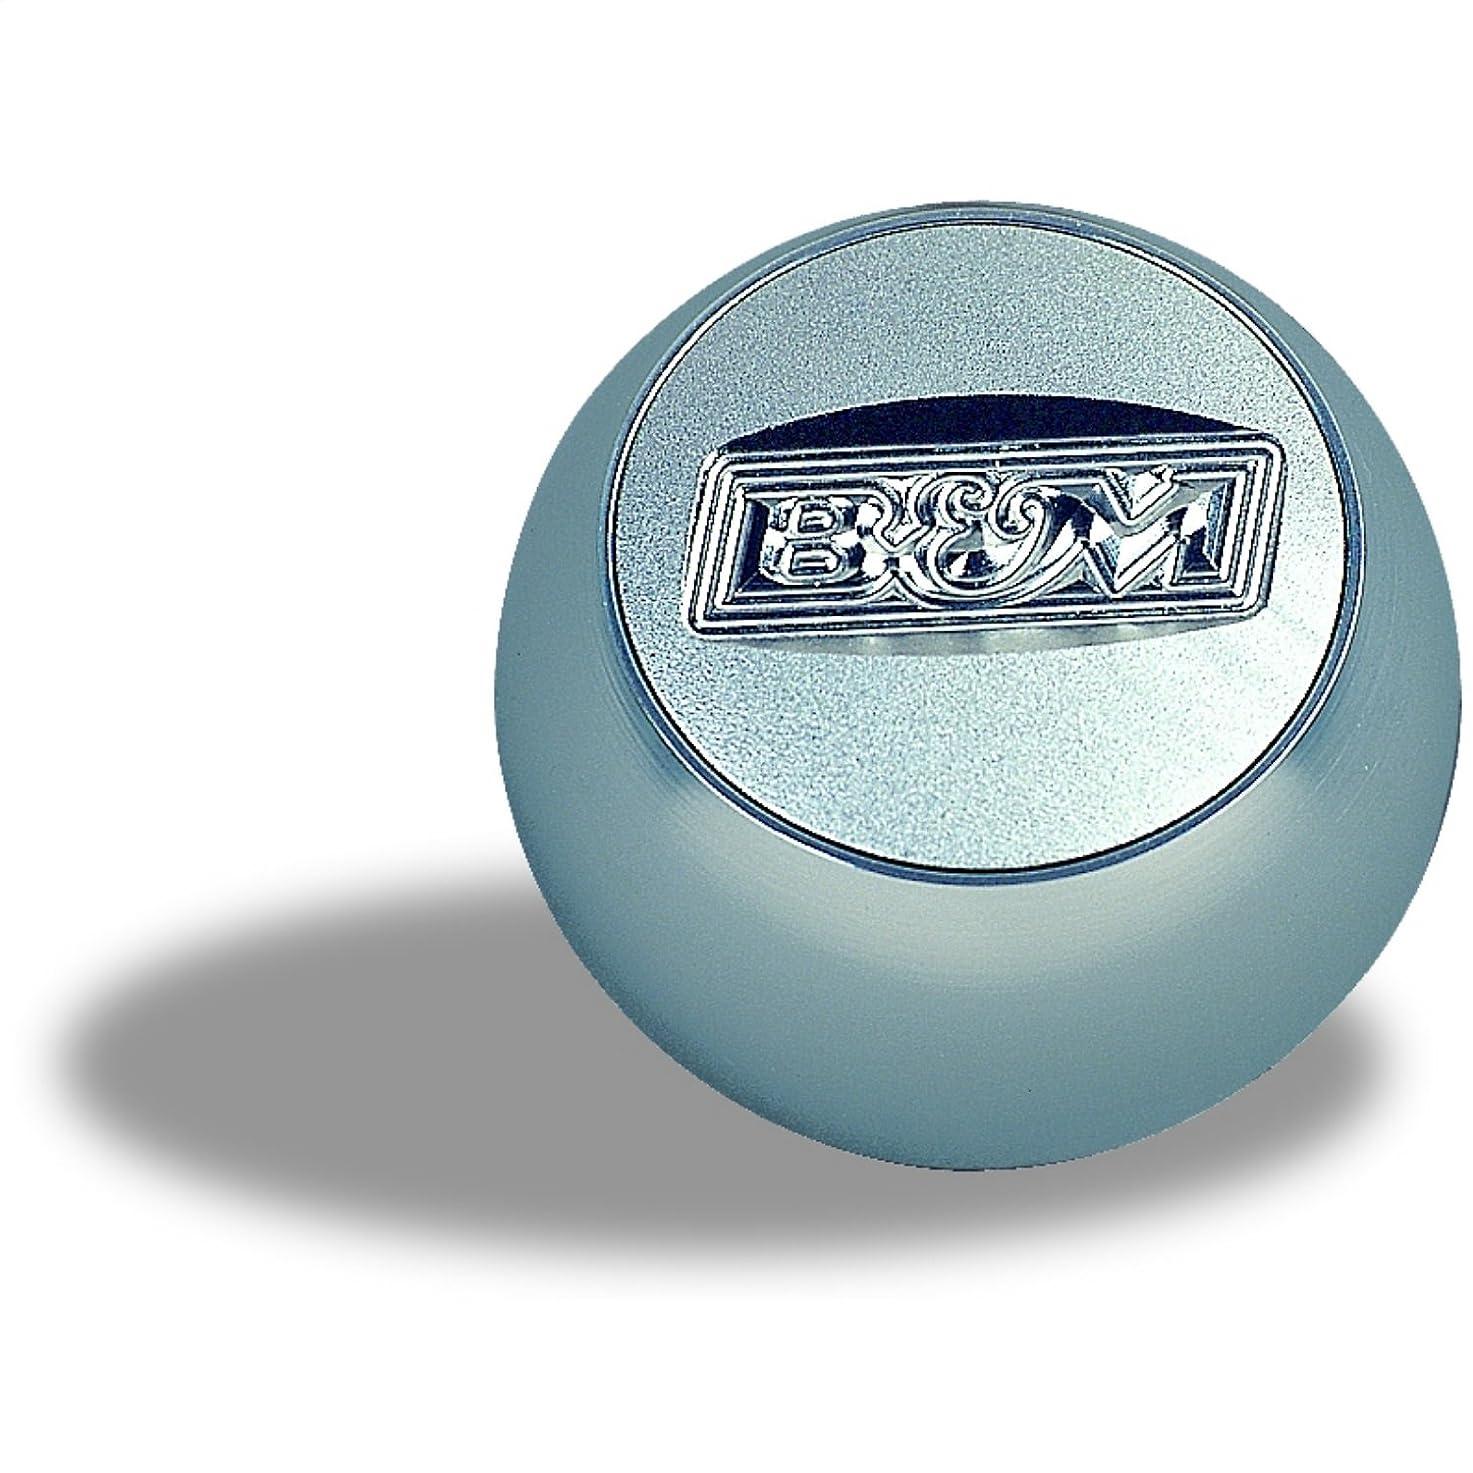 脱臼する陪審先のことを考えるB&M 80534の鋼片の水銀の手動伝達転位のノブ